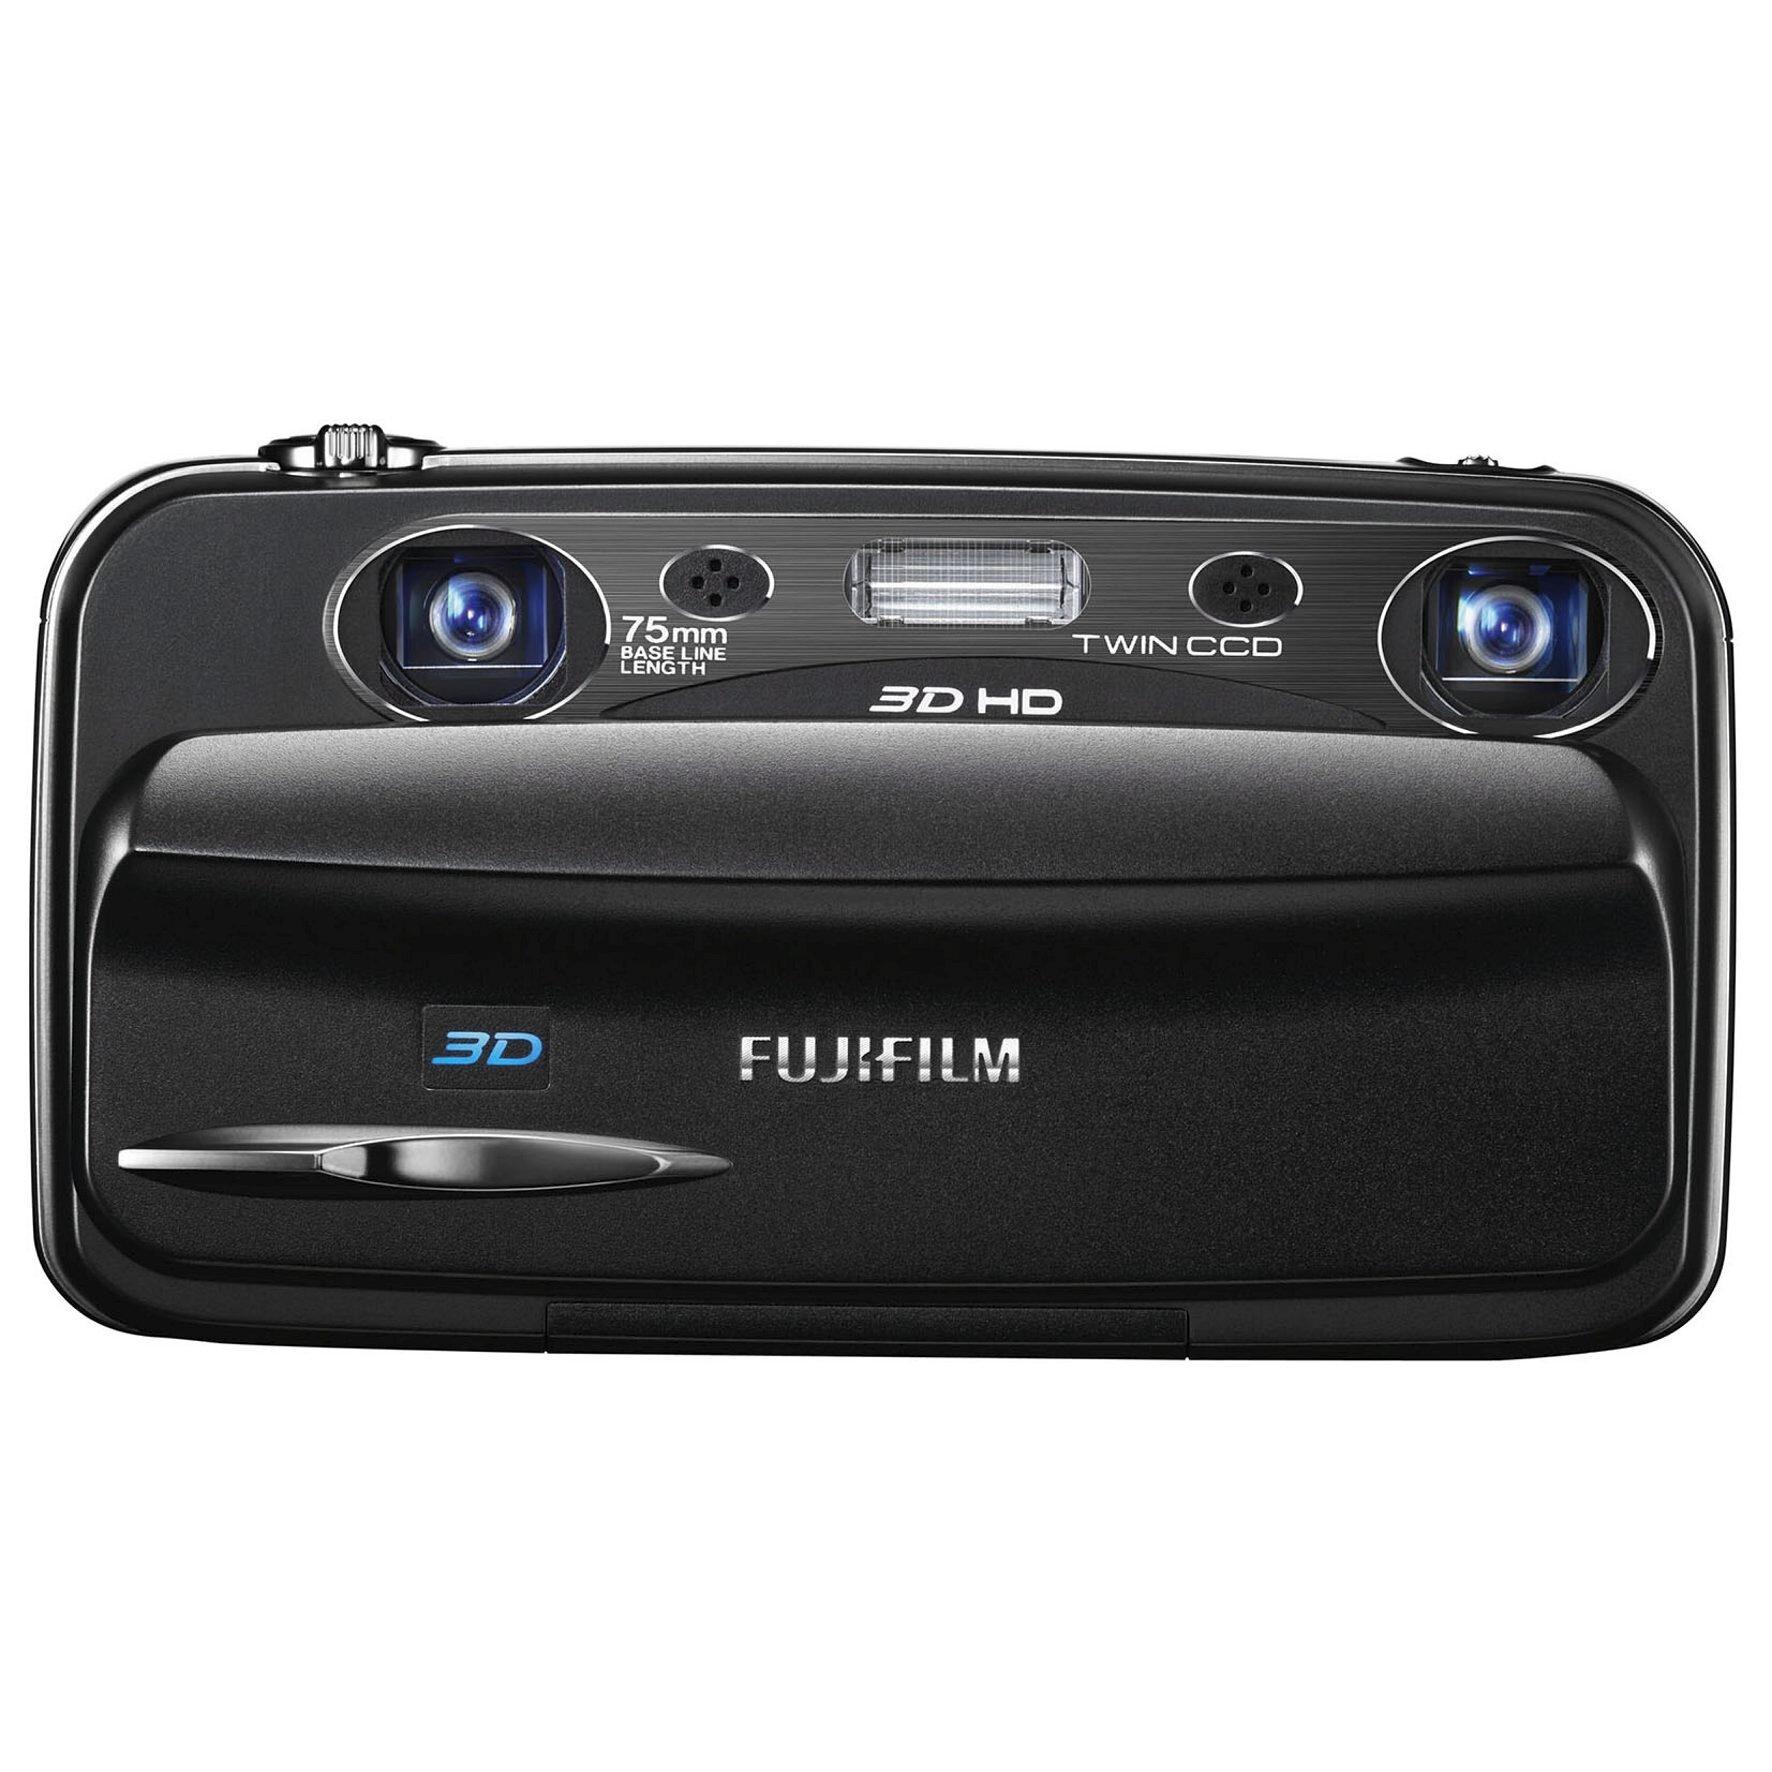 Fujifilm annonce son apn finepix real 3d w3 avec vid o 3d for Fujifilm finepix s prix